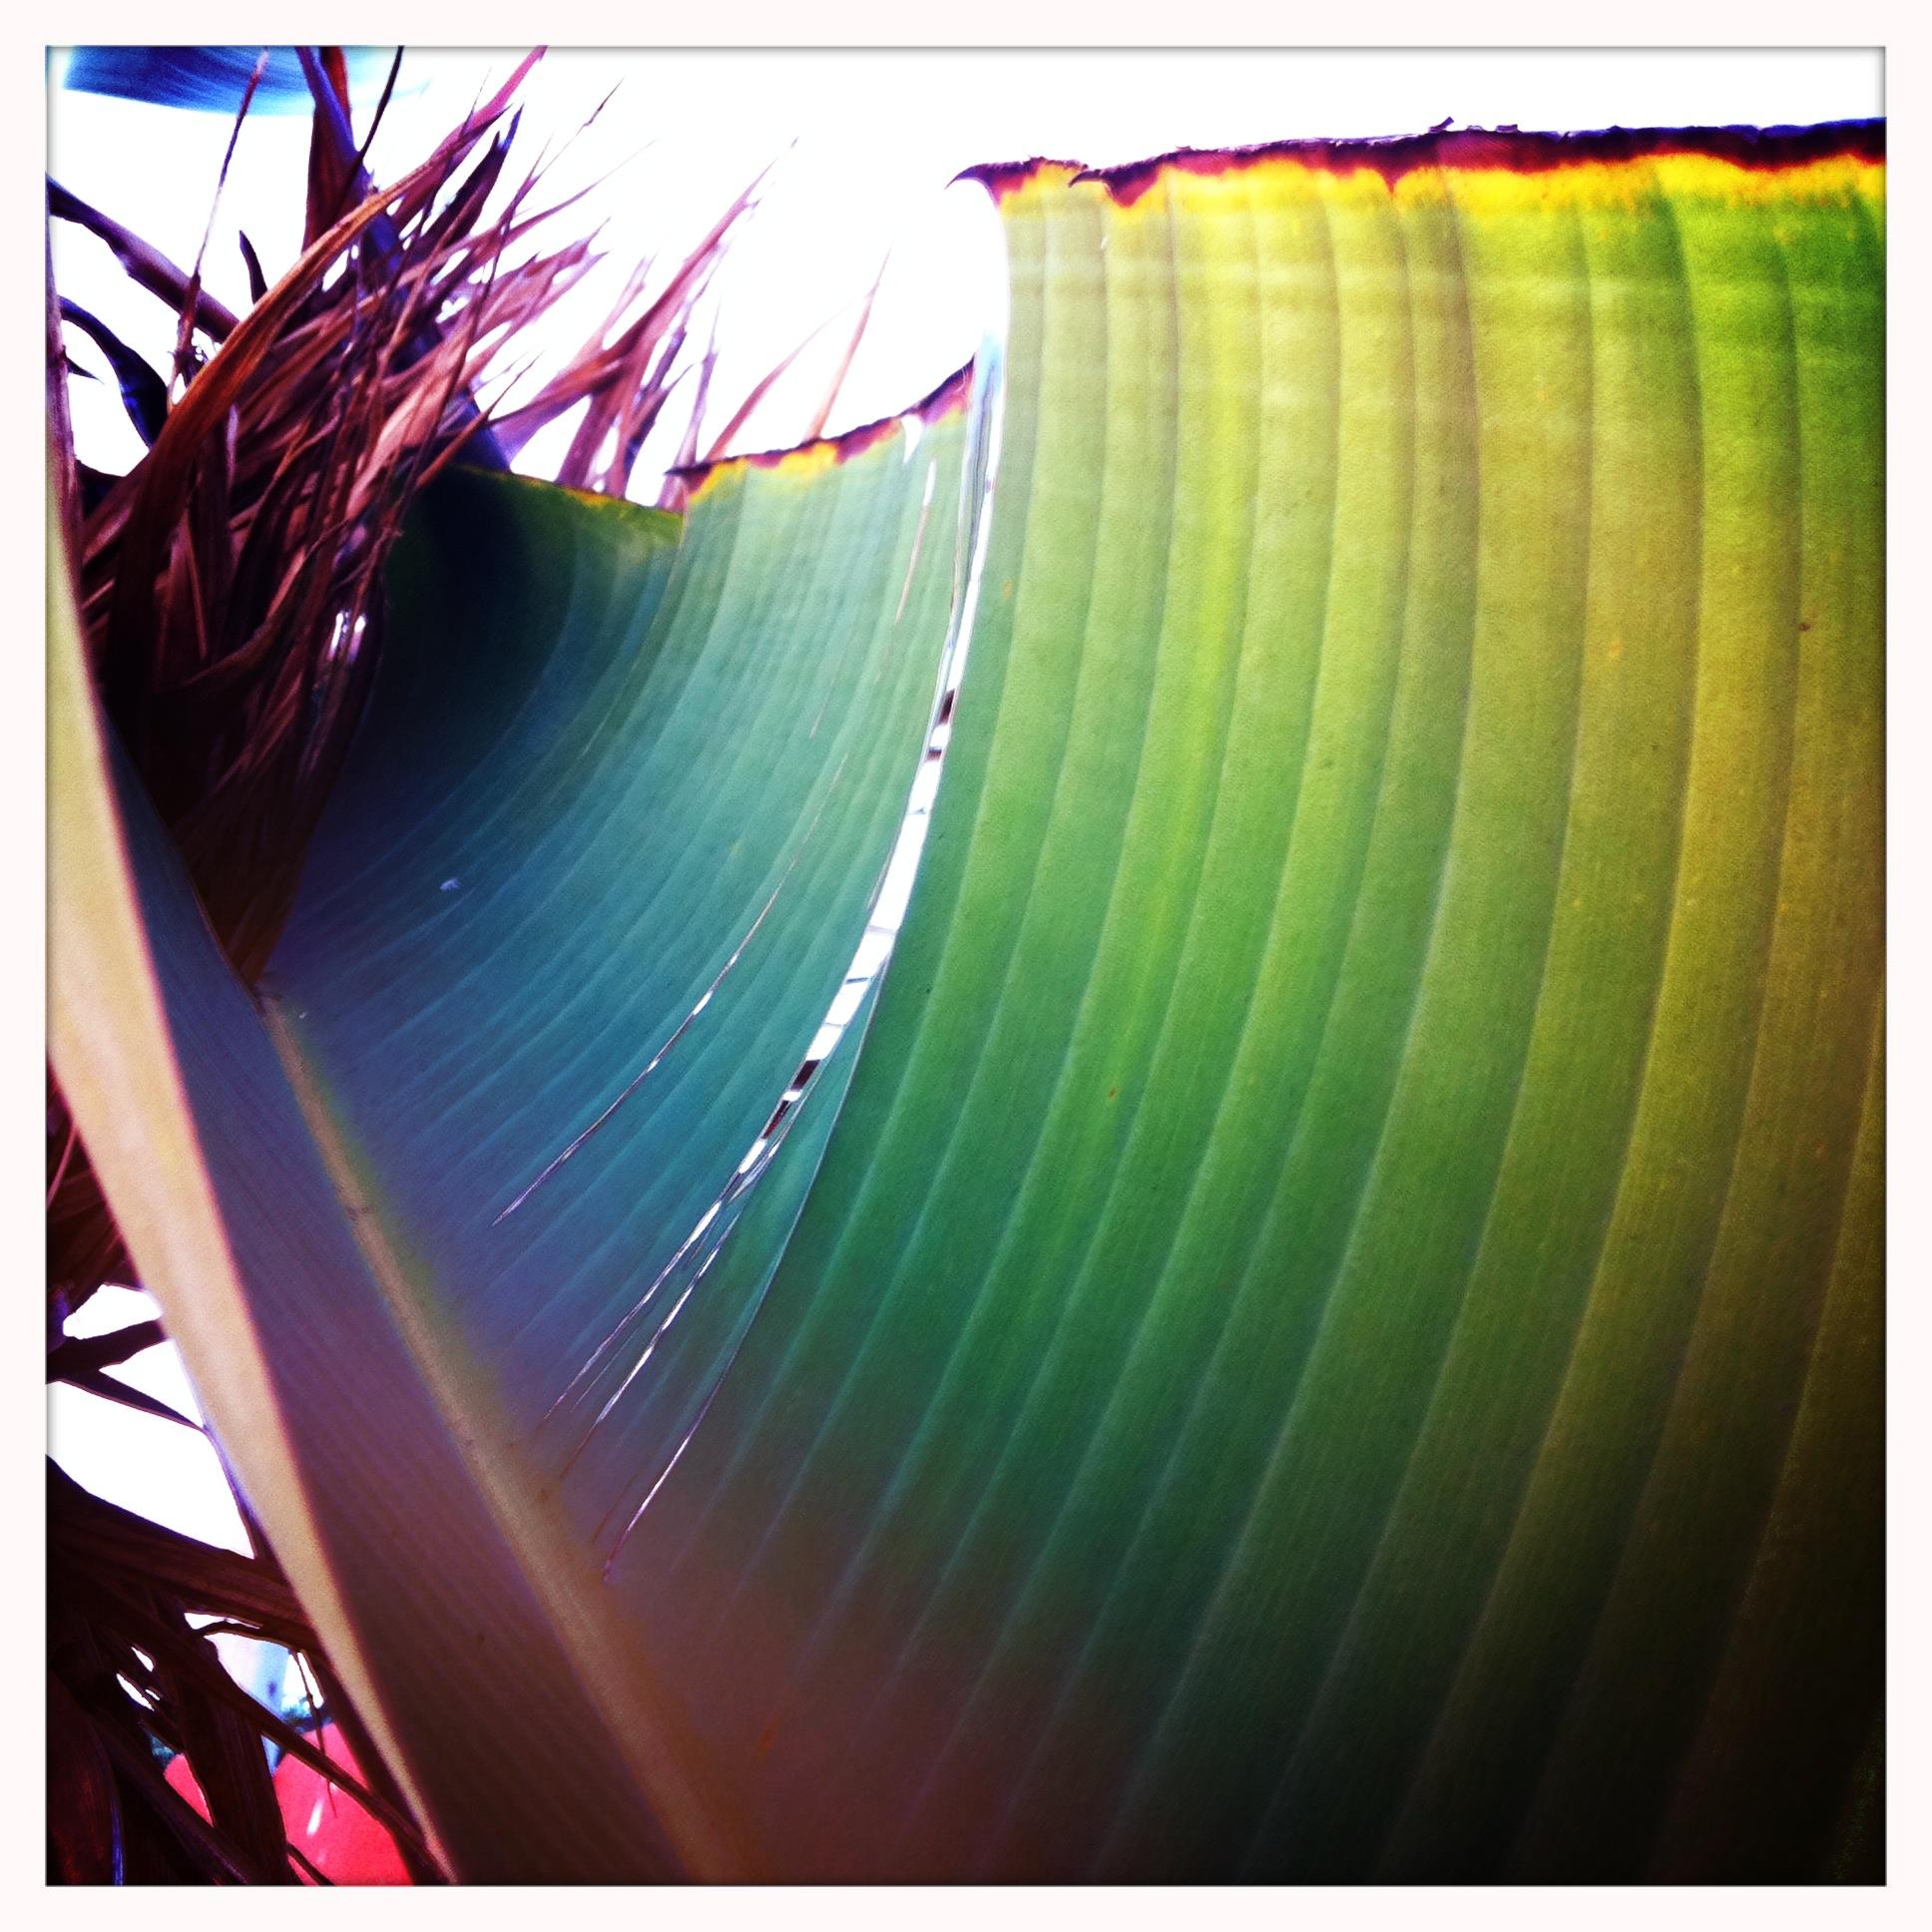 Leaf 1 by Ruben-P